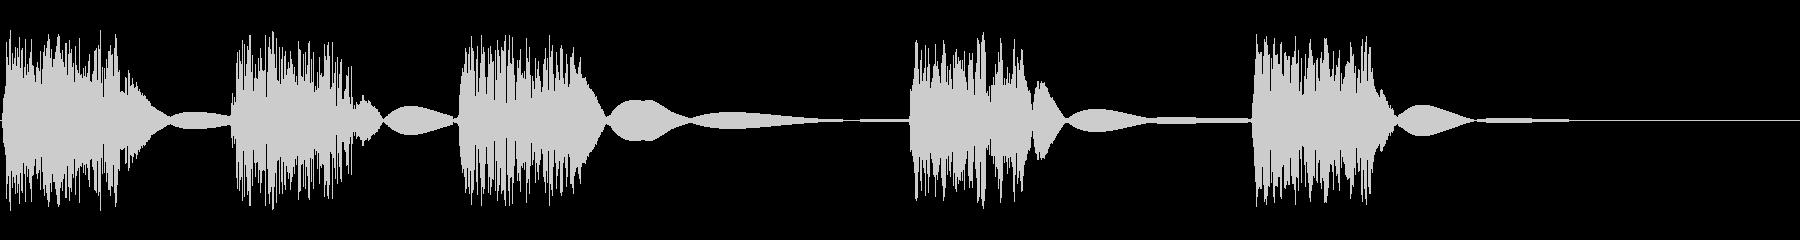 クイックカッタースクラッチスイープの未再生の波形